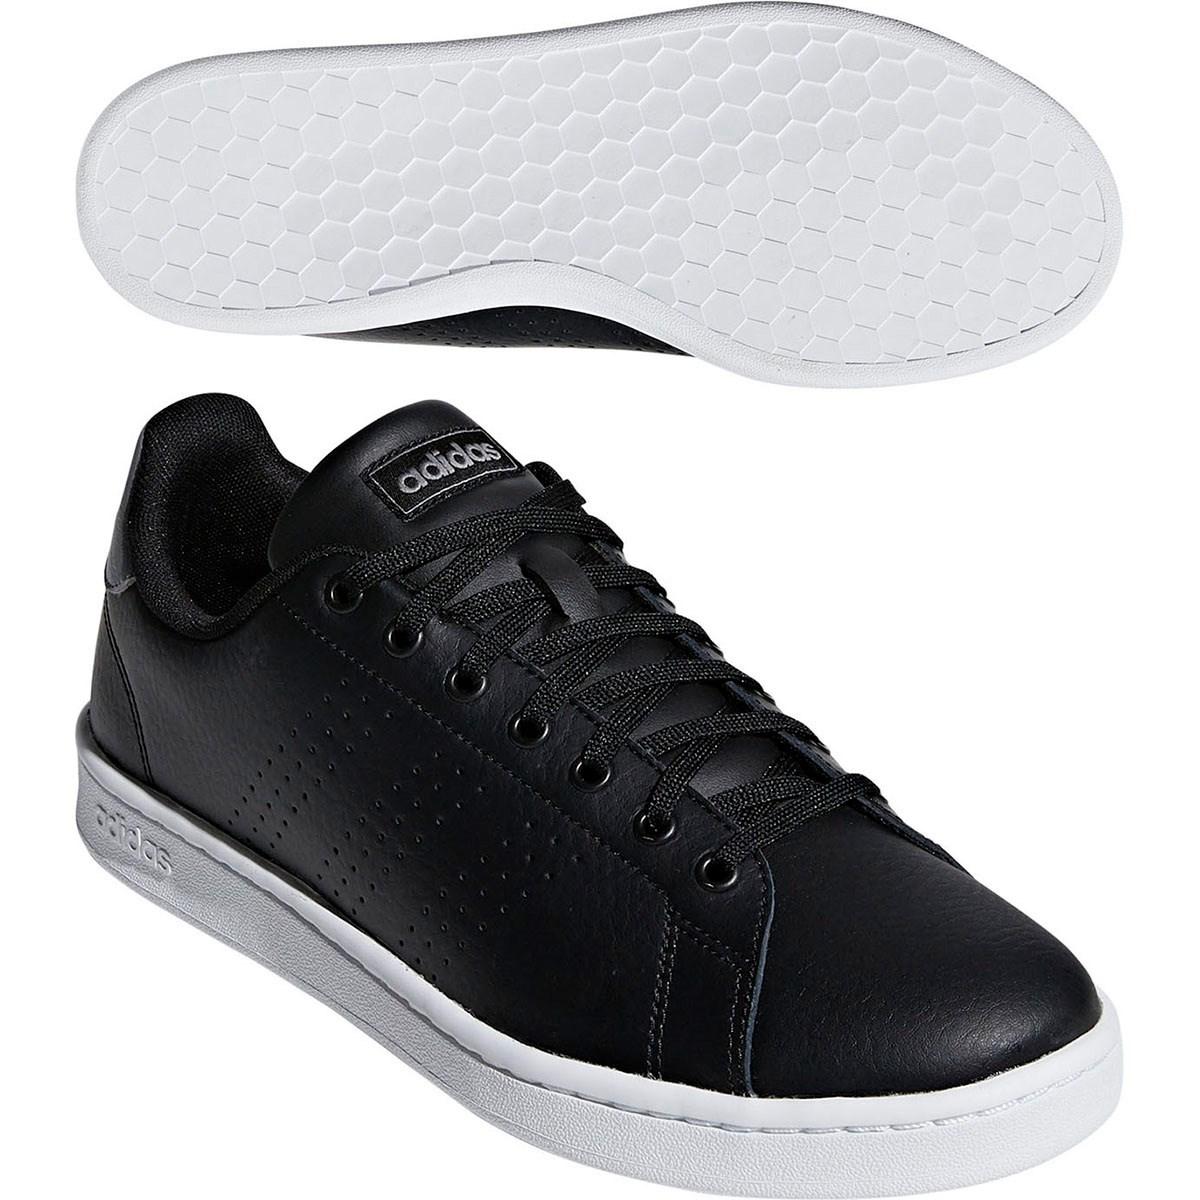 アディダス(adidas) アドバンコート LEA シューズ